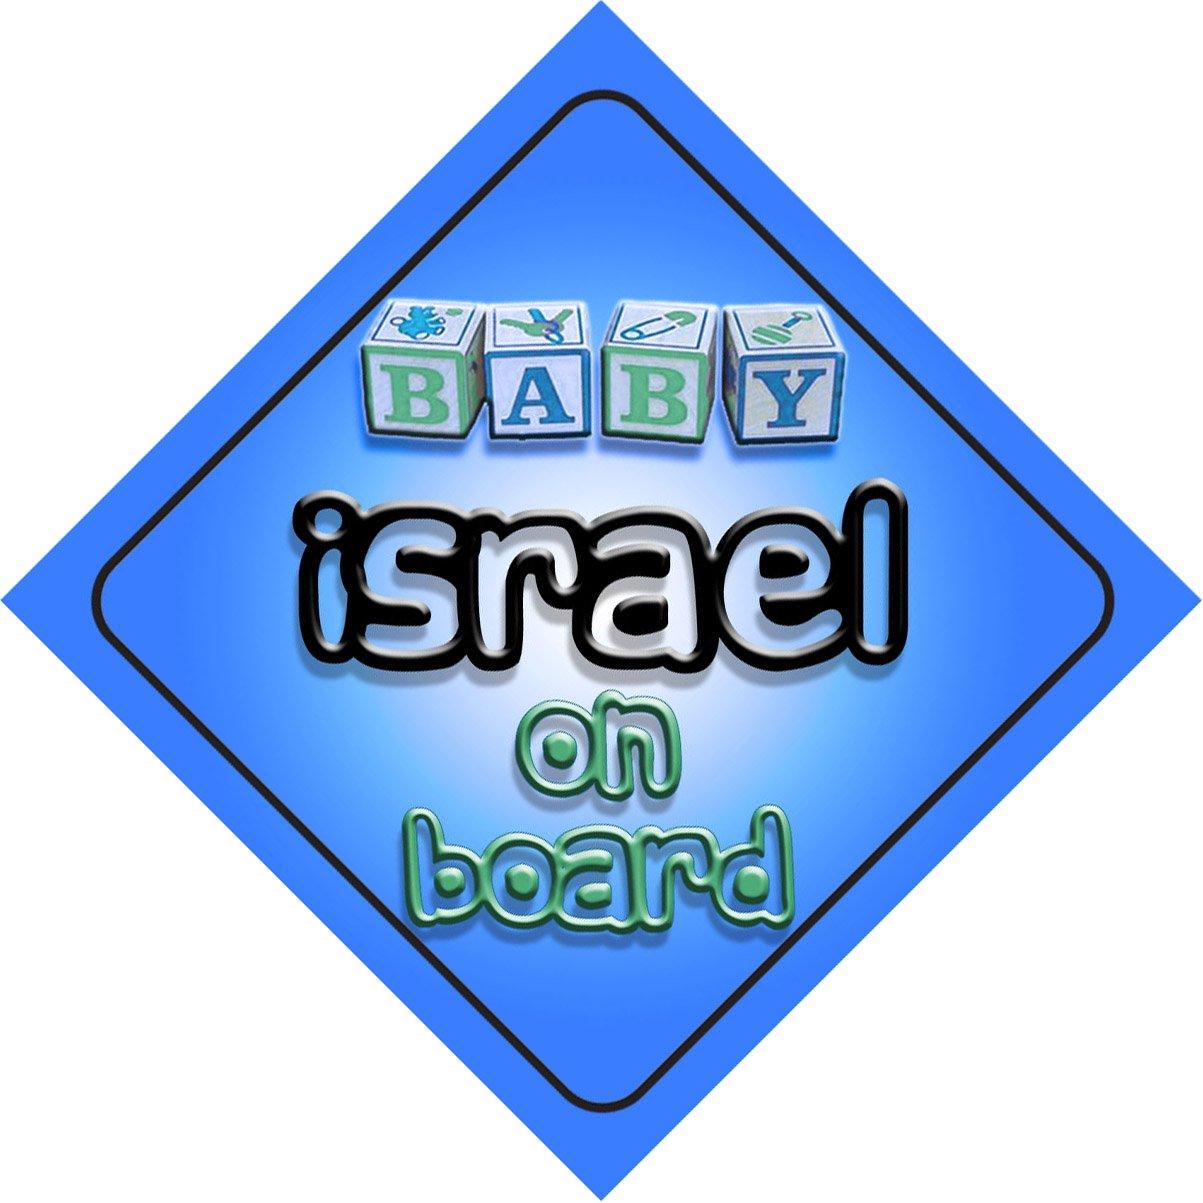 Bébé Garçon Israël on Board fantaisie Panneau de voiture Cadeau/cadeau pour nouveau/enfant nouveau-né